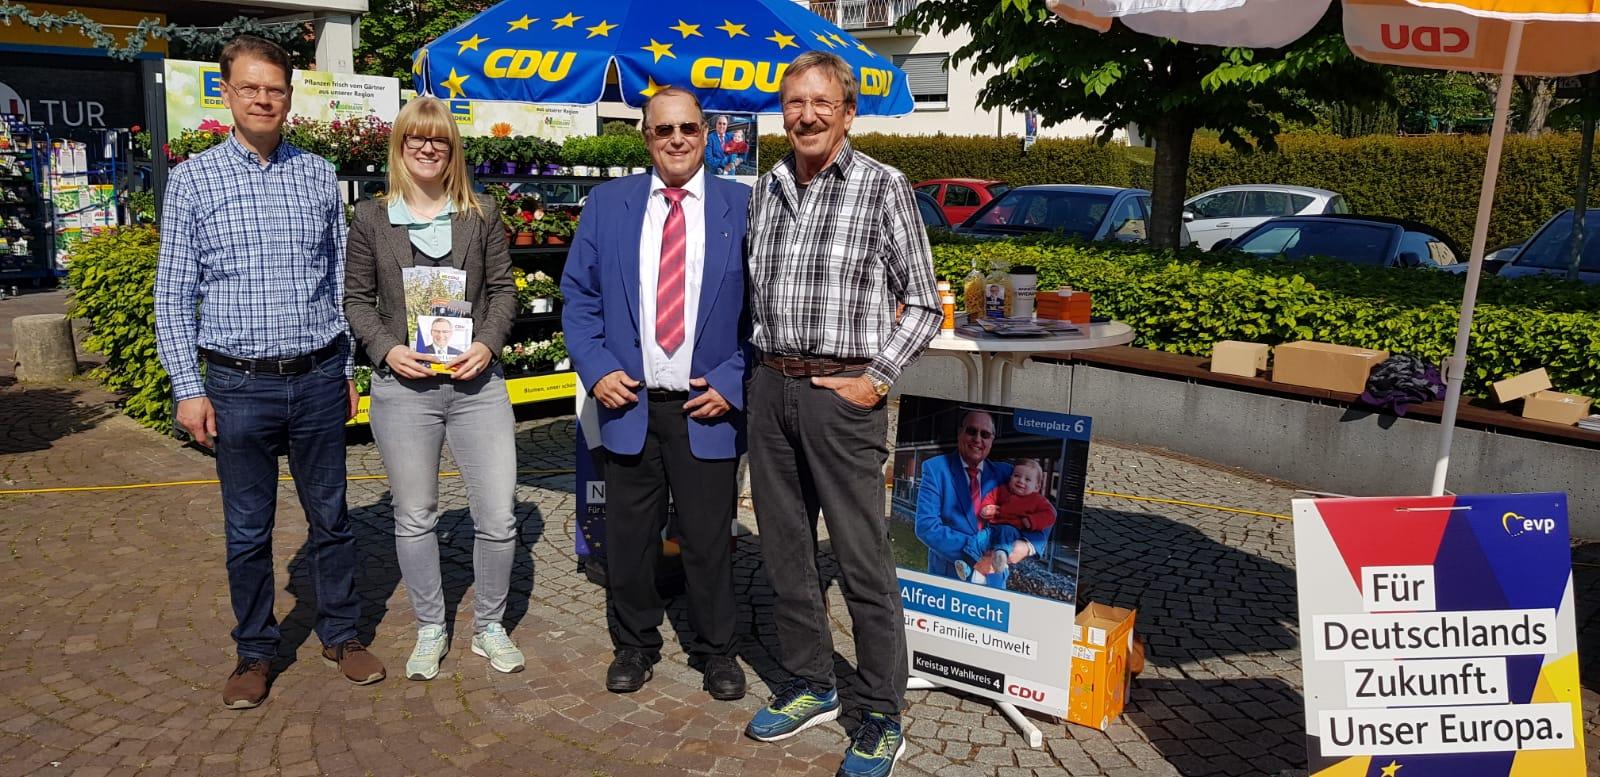 Kandidaten am Wahlkampfstand in Pliezhausen